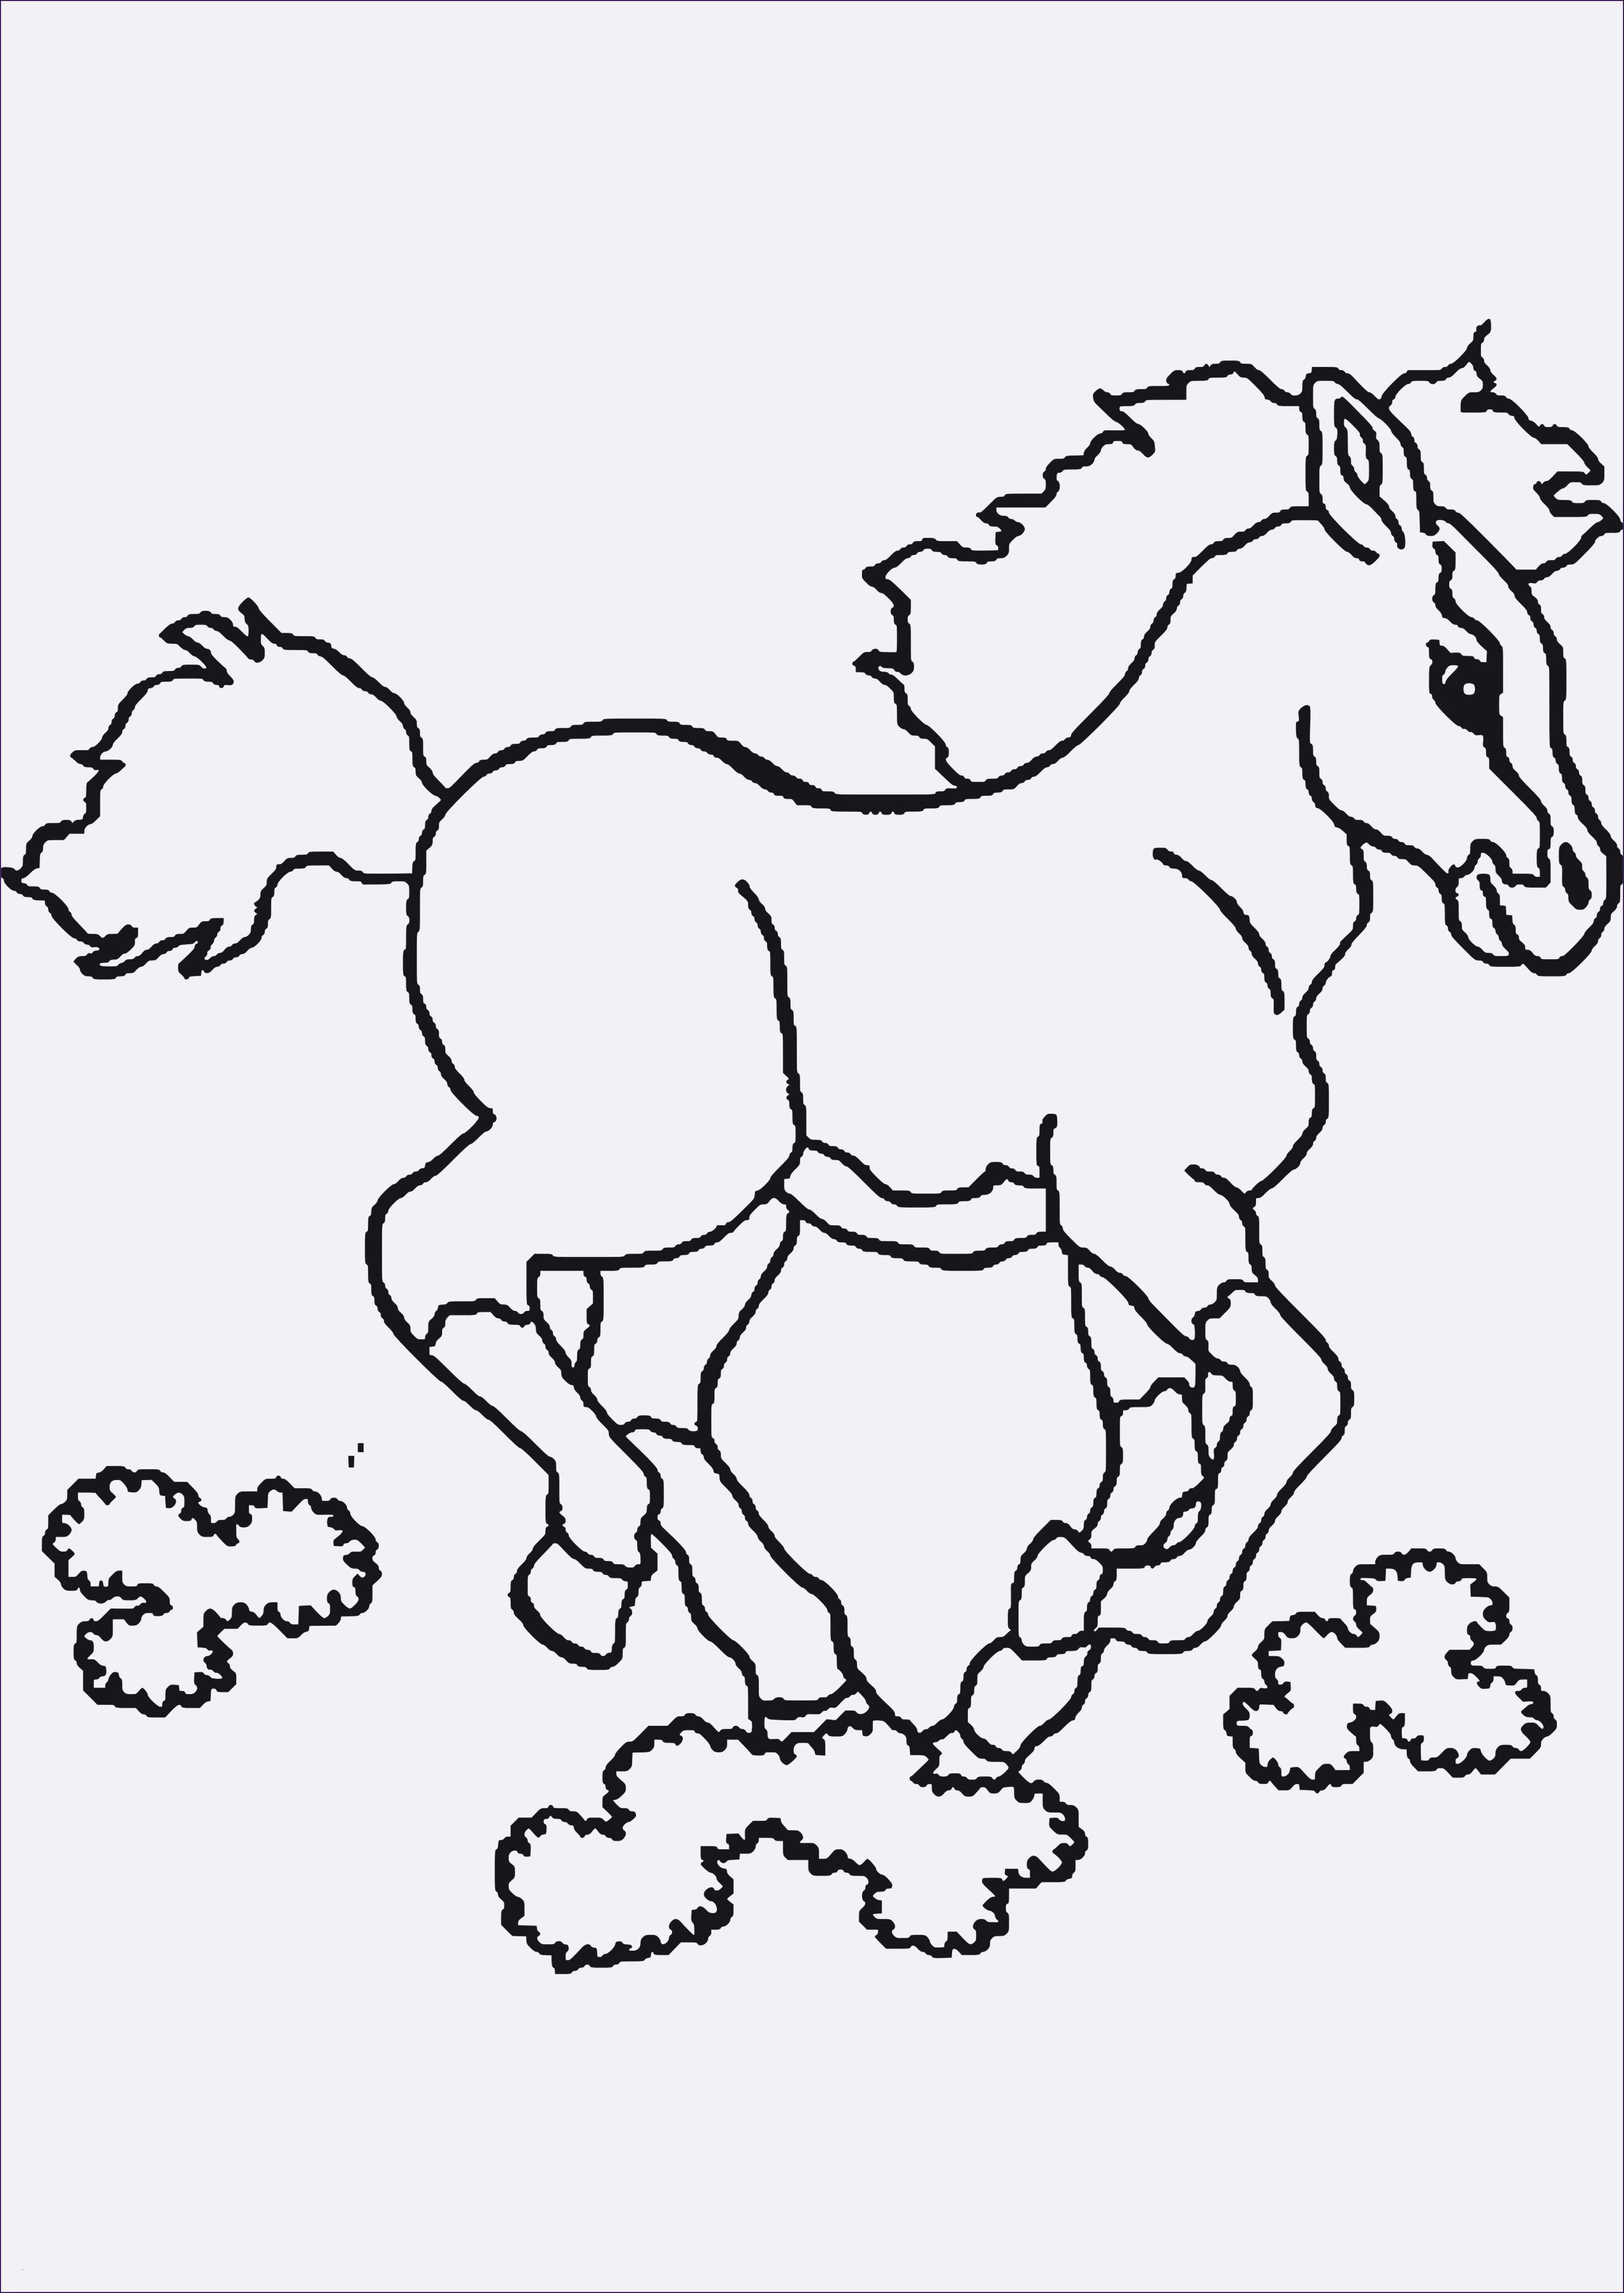 Ben Und Holly Ausmalbilder Genial Malvorlagen Pferde Gratis Bild Ausmalbilder Ben Und Holly Genial Sammlung